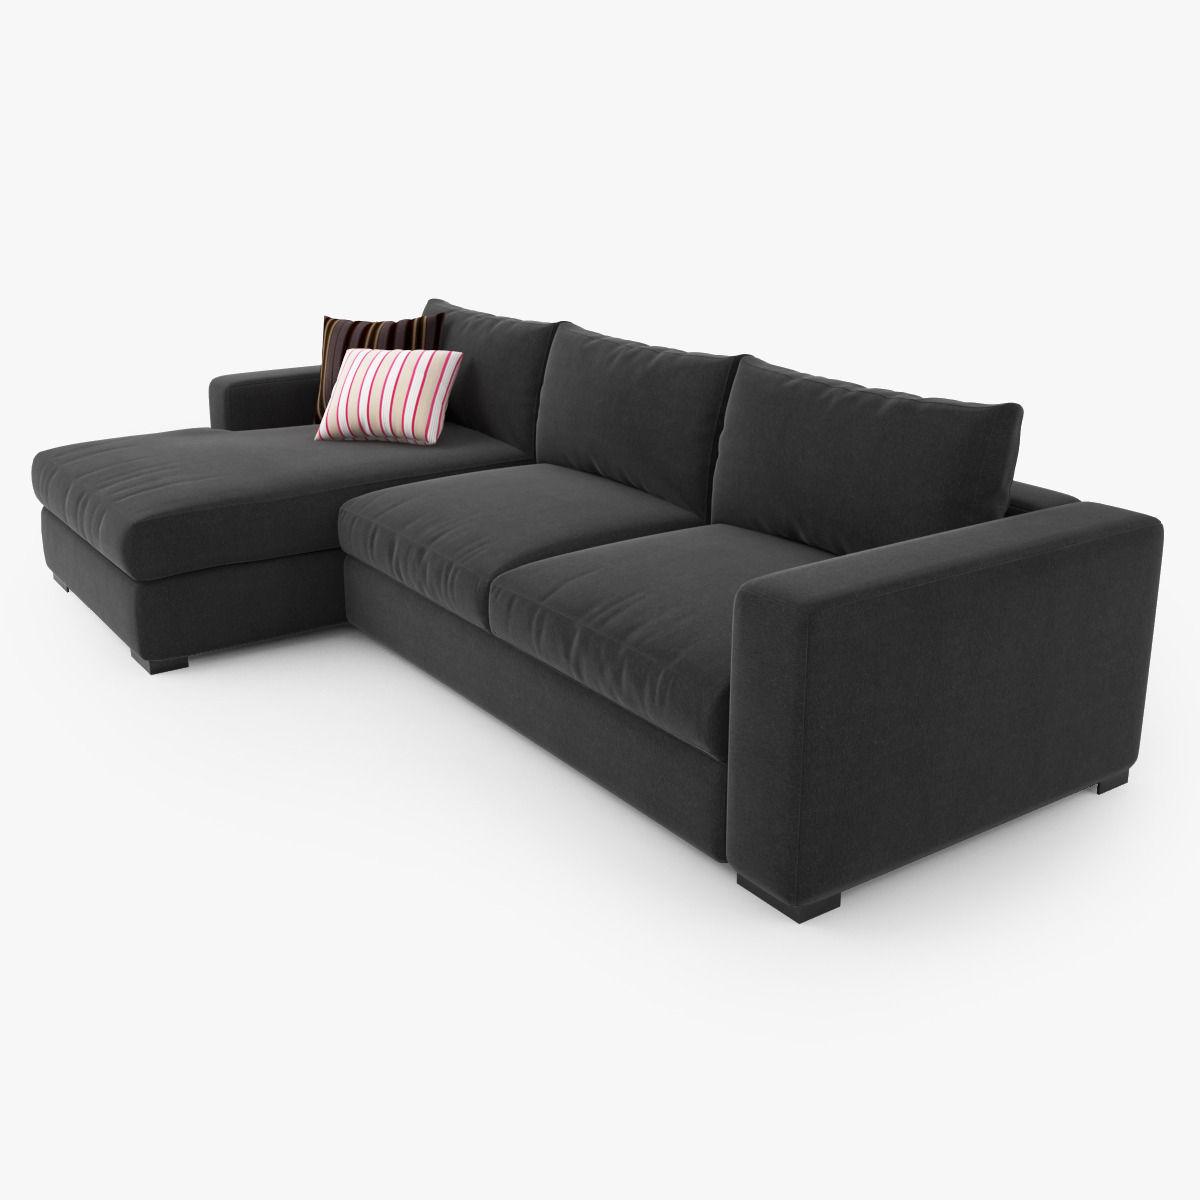 boconcept cenova sofa set 3d model max obj fbx. Black Bedroom Furniture Sets. Home Design Ideas